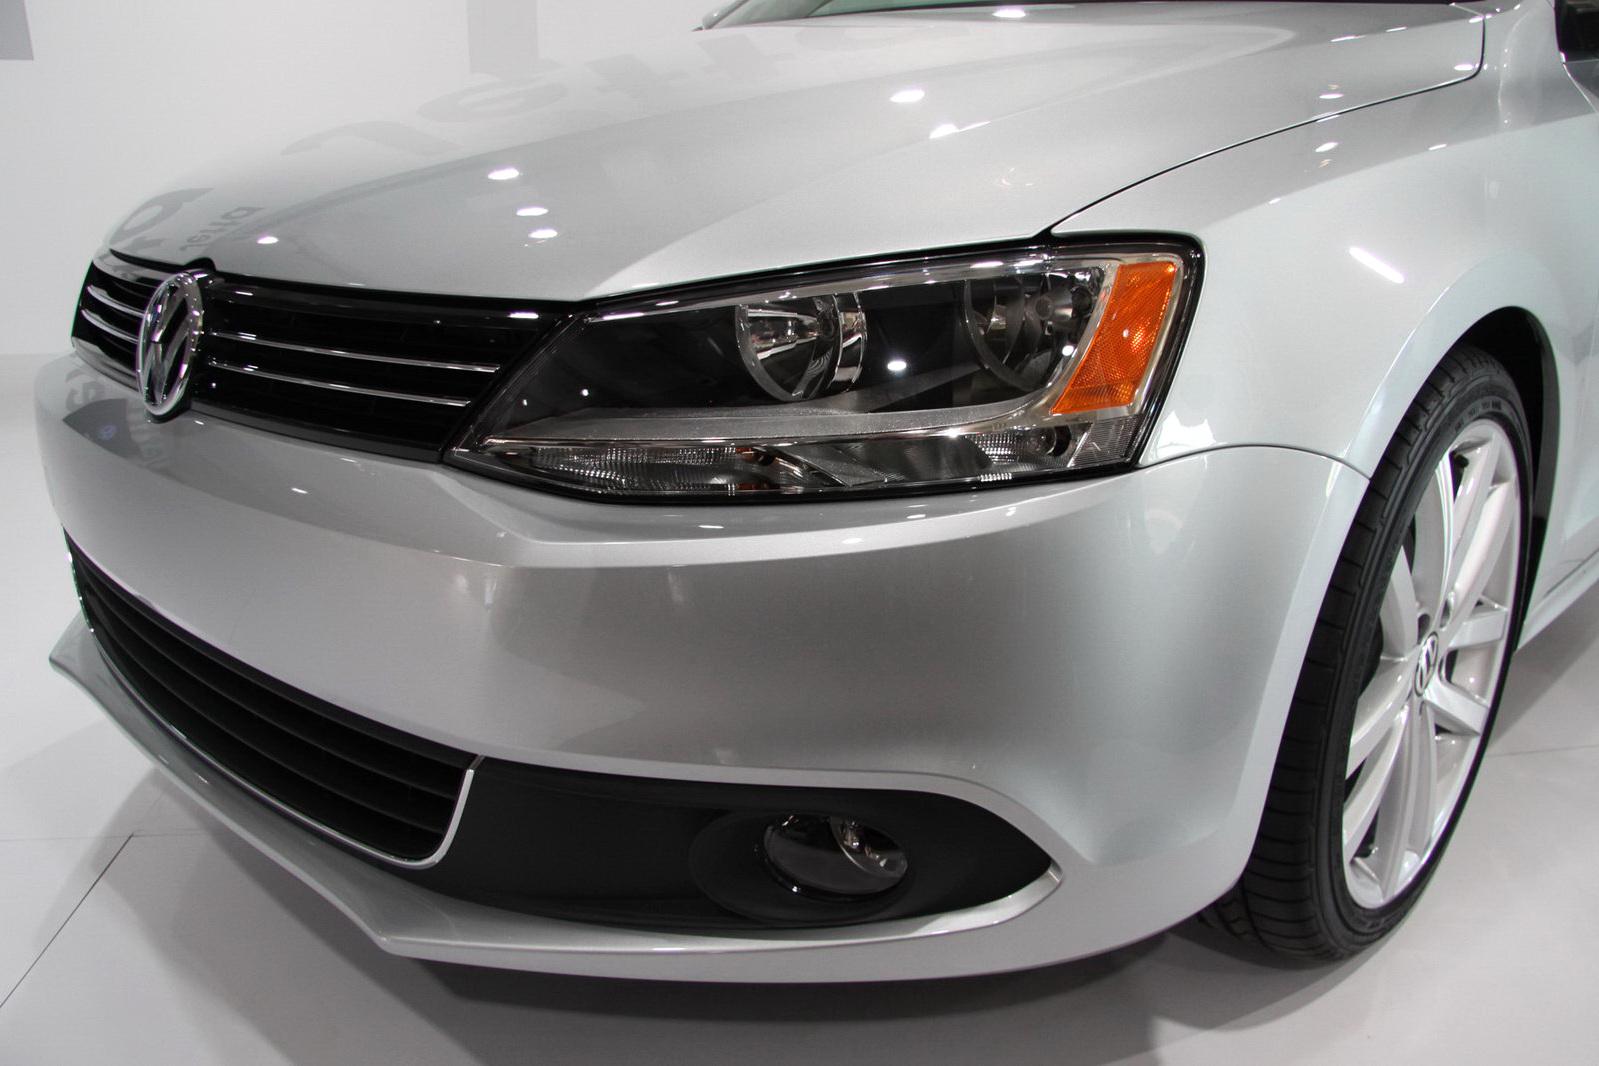 http://1.bp.blogspot.com/_FoXyvaPSnVk/TBlbzhfDT5I/AAAAAAAC9_8/fmq_ainQ6yg/s1600/2011-Volkswagen-Jetta-New-York-17.jpg